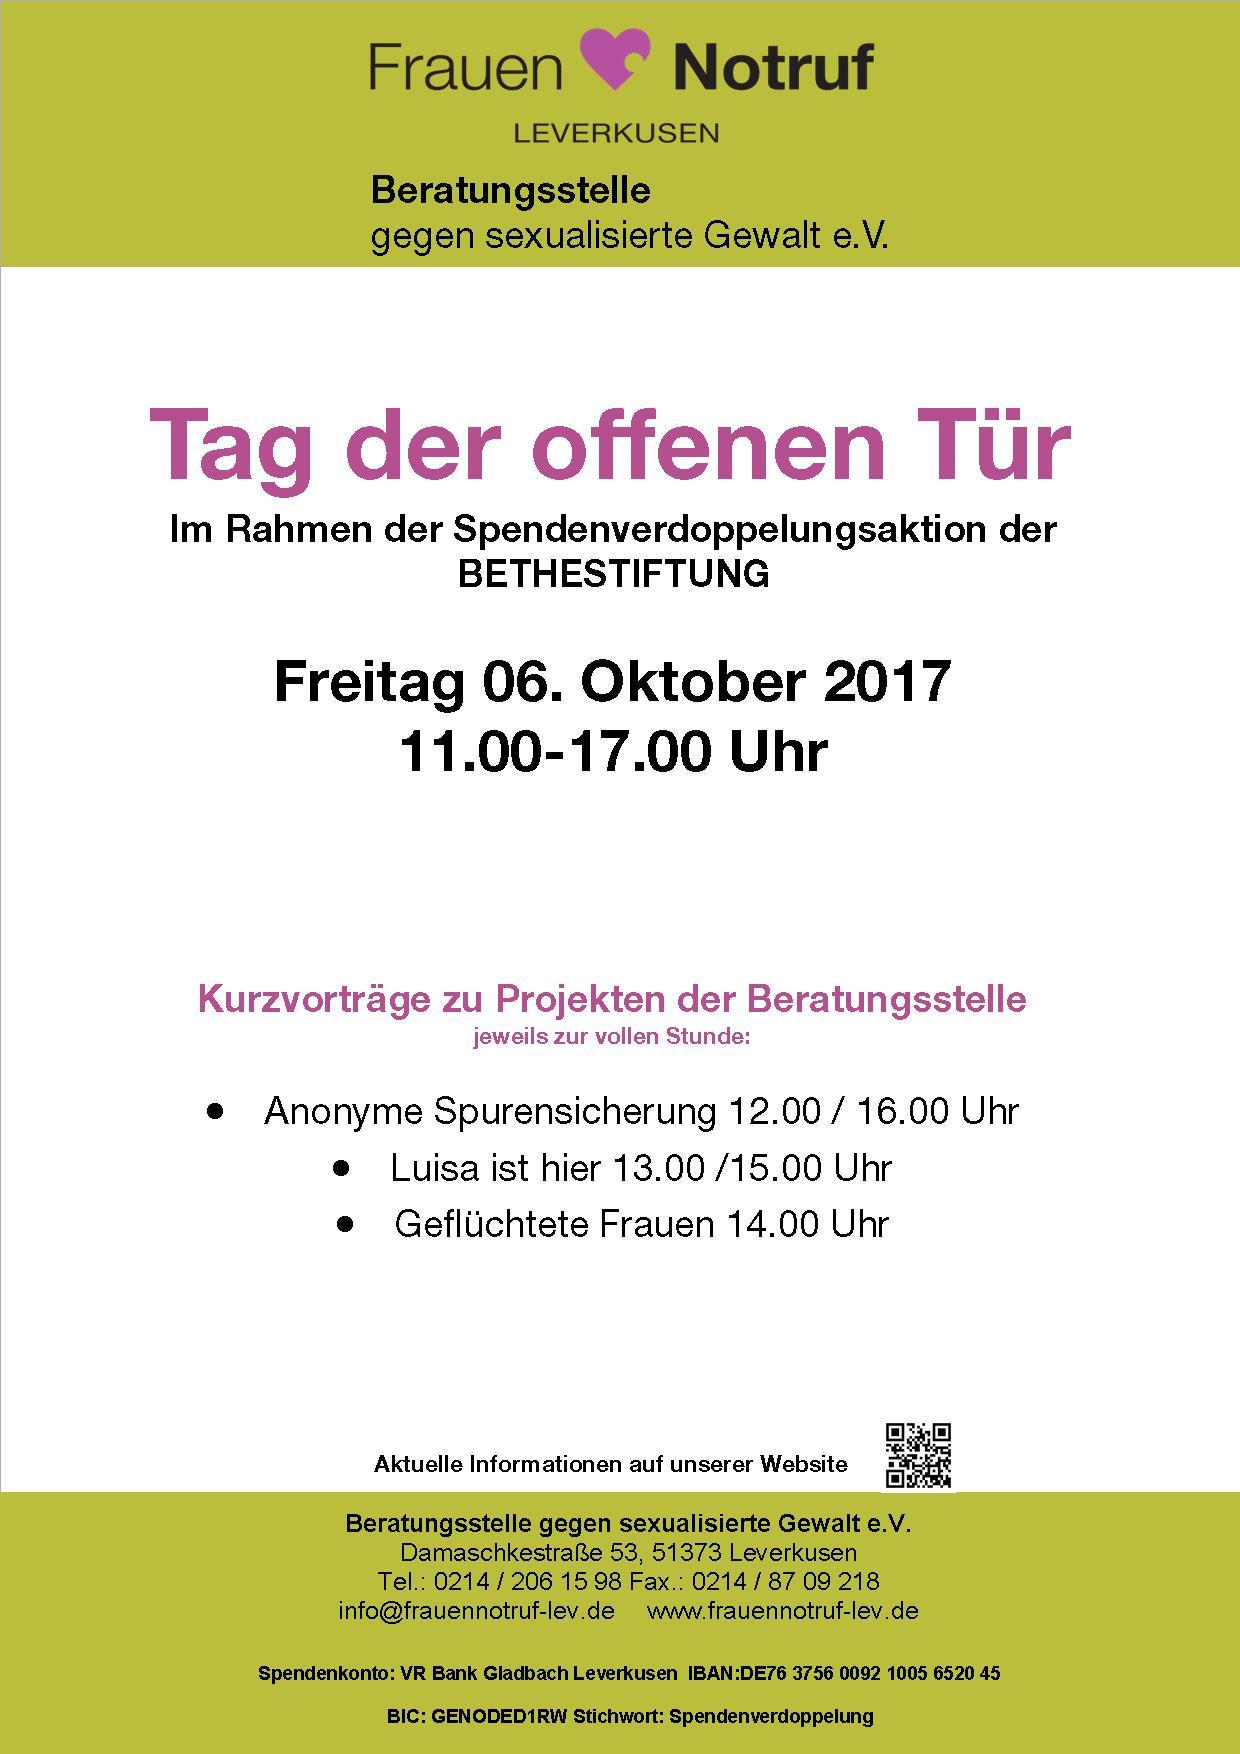 Tag der offenen Tür am 6. Oktober 2017, 11.00 -17.00 Uhr